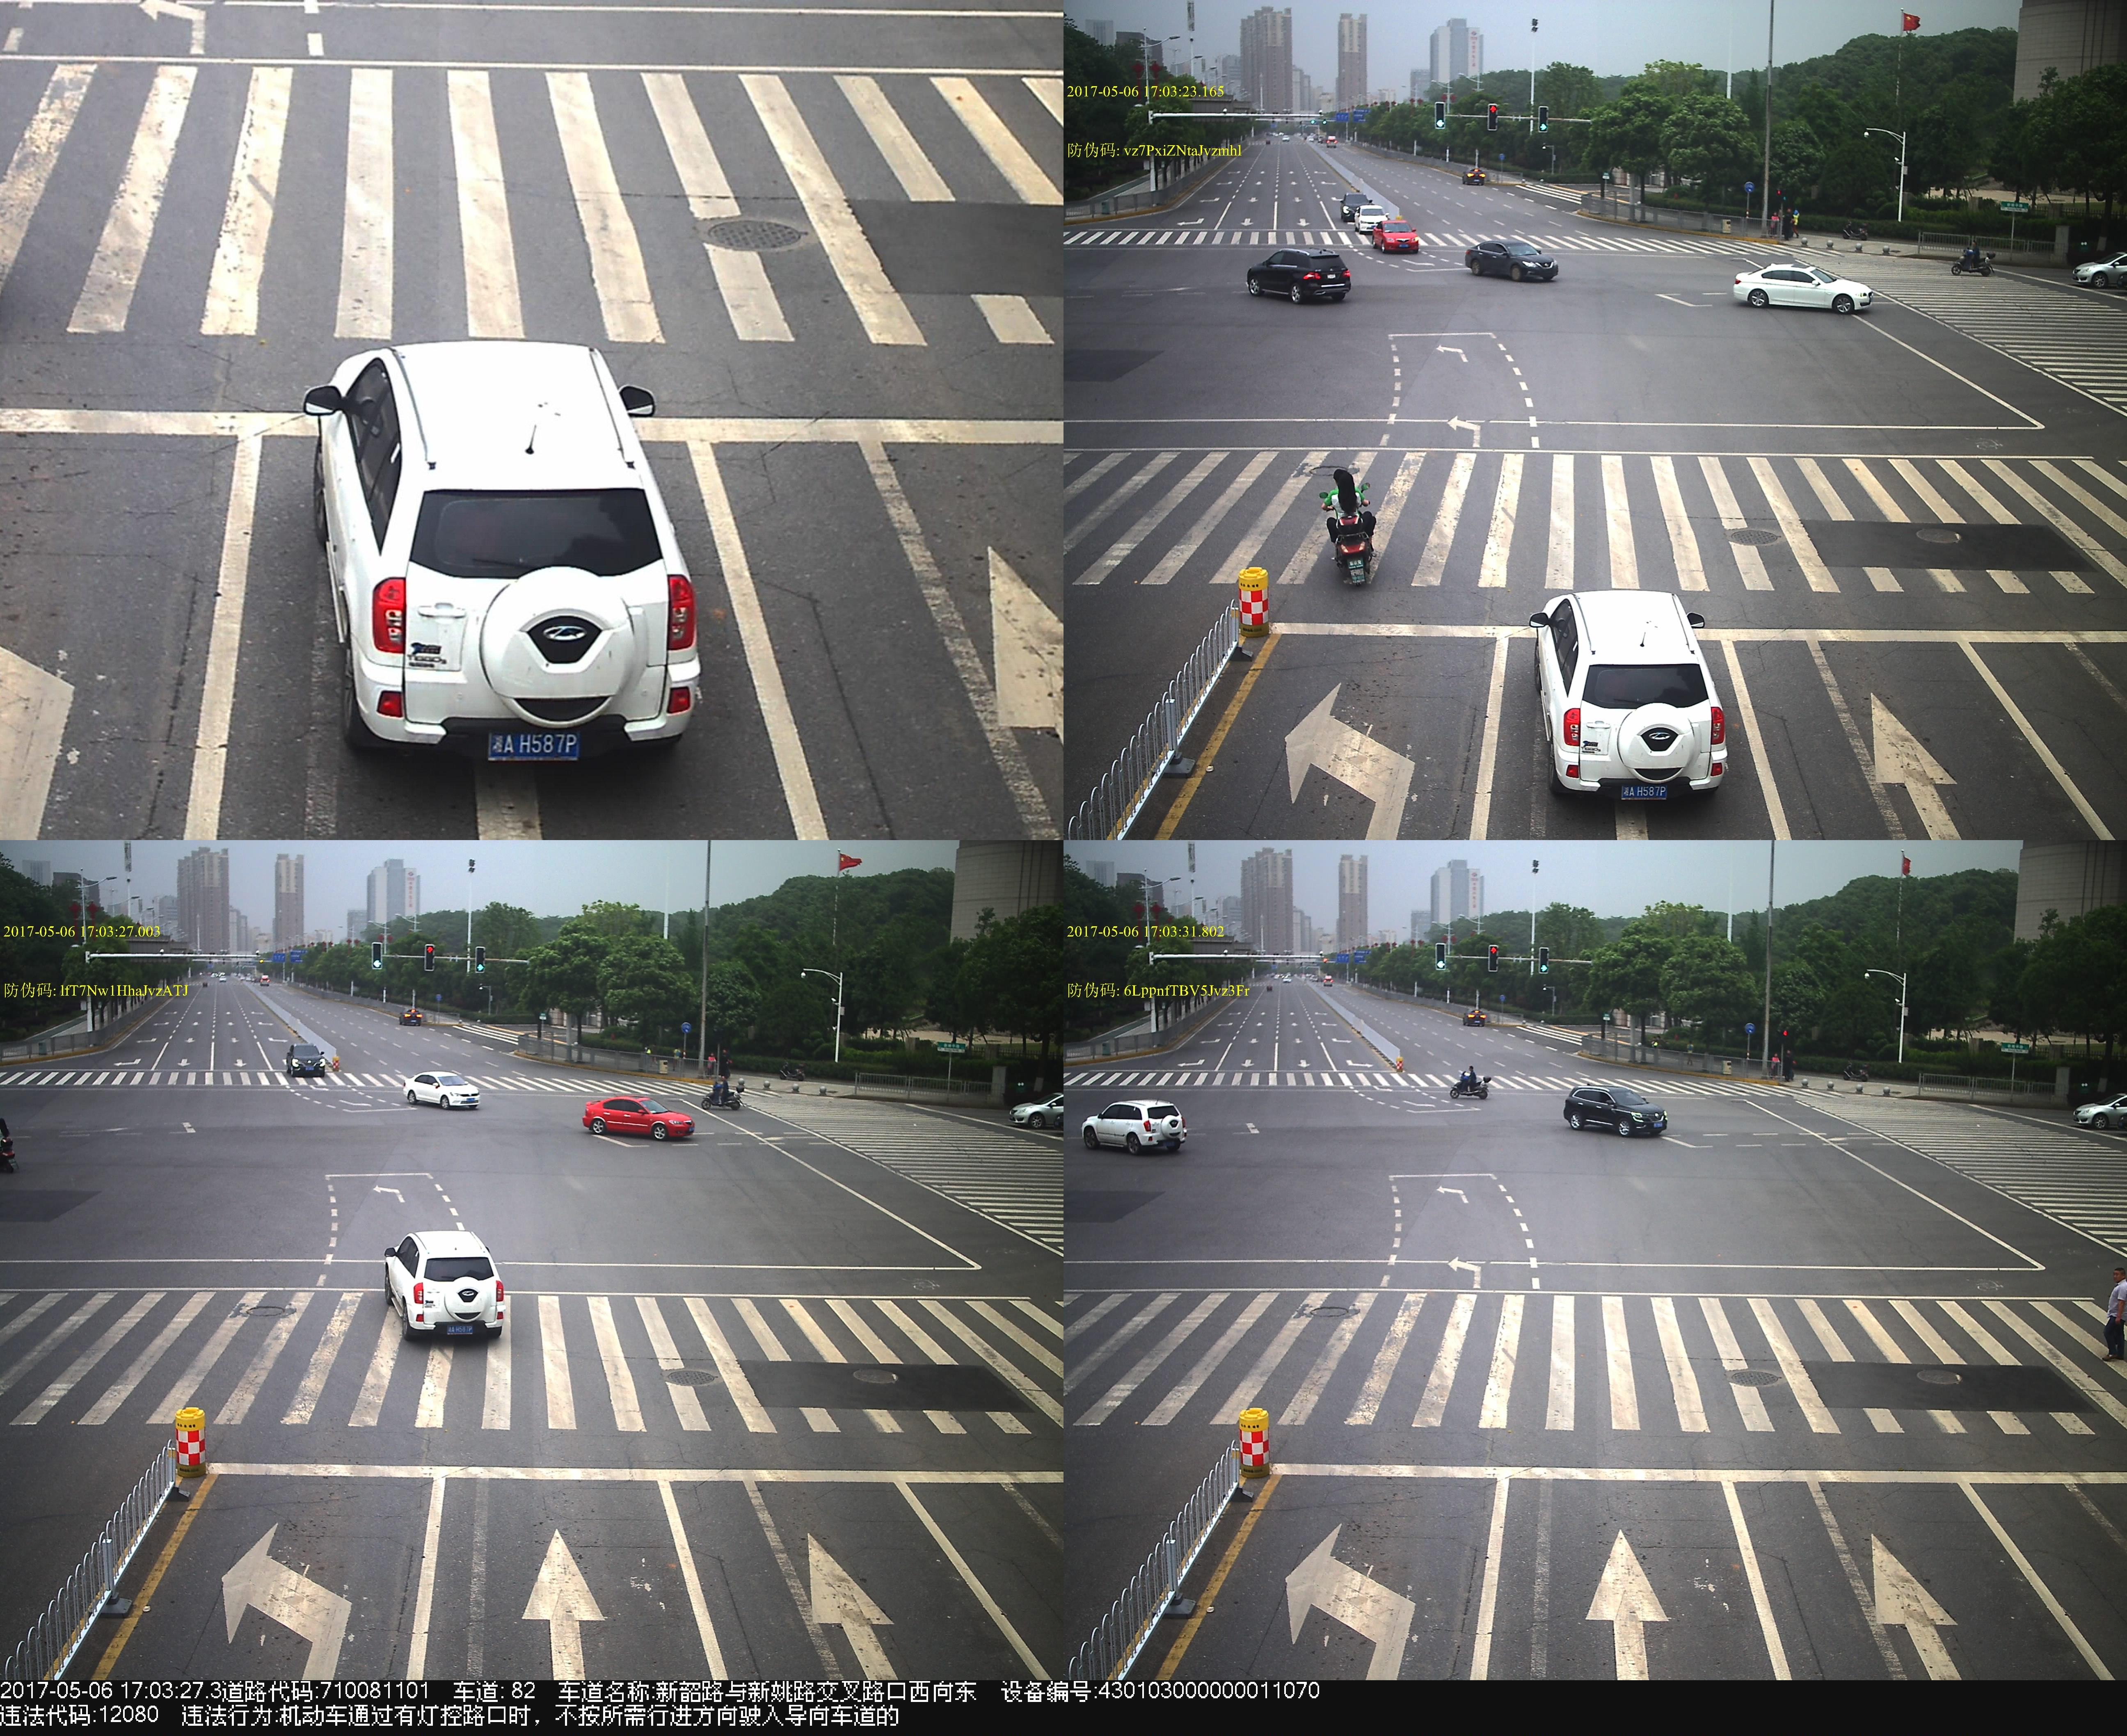 湘ah587p不按导向车道行驶